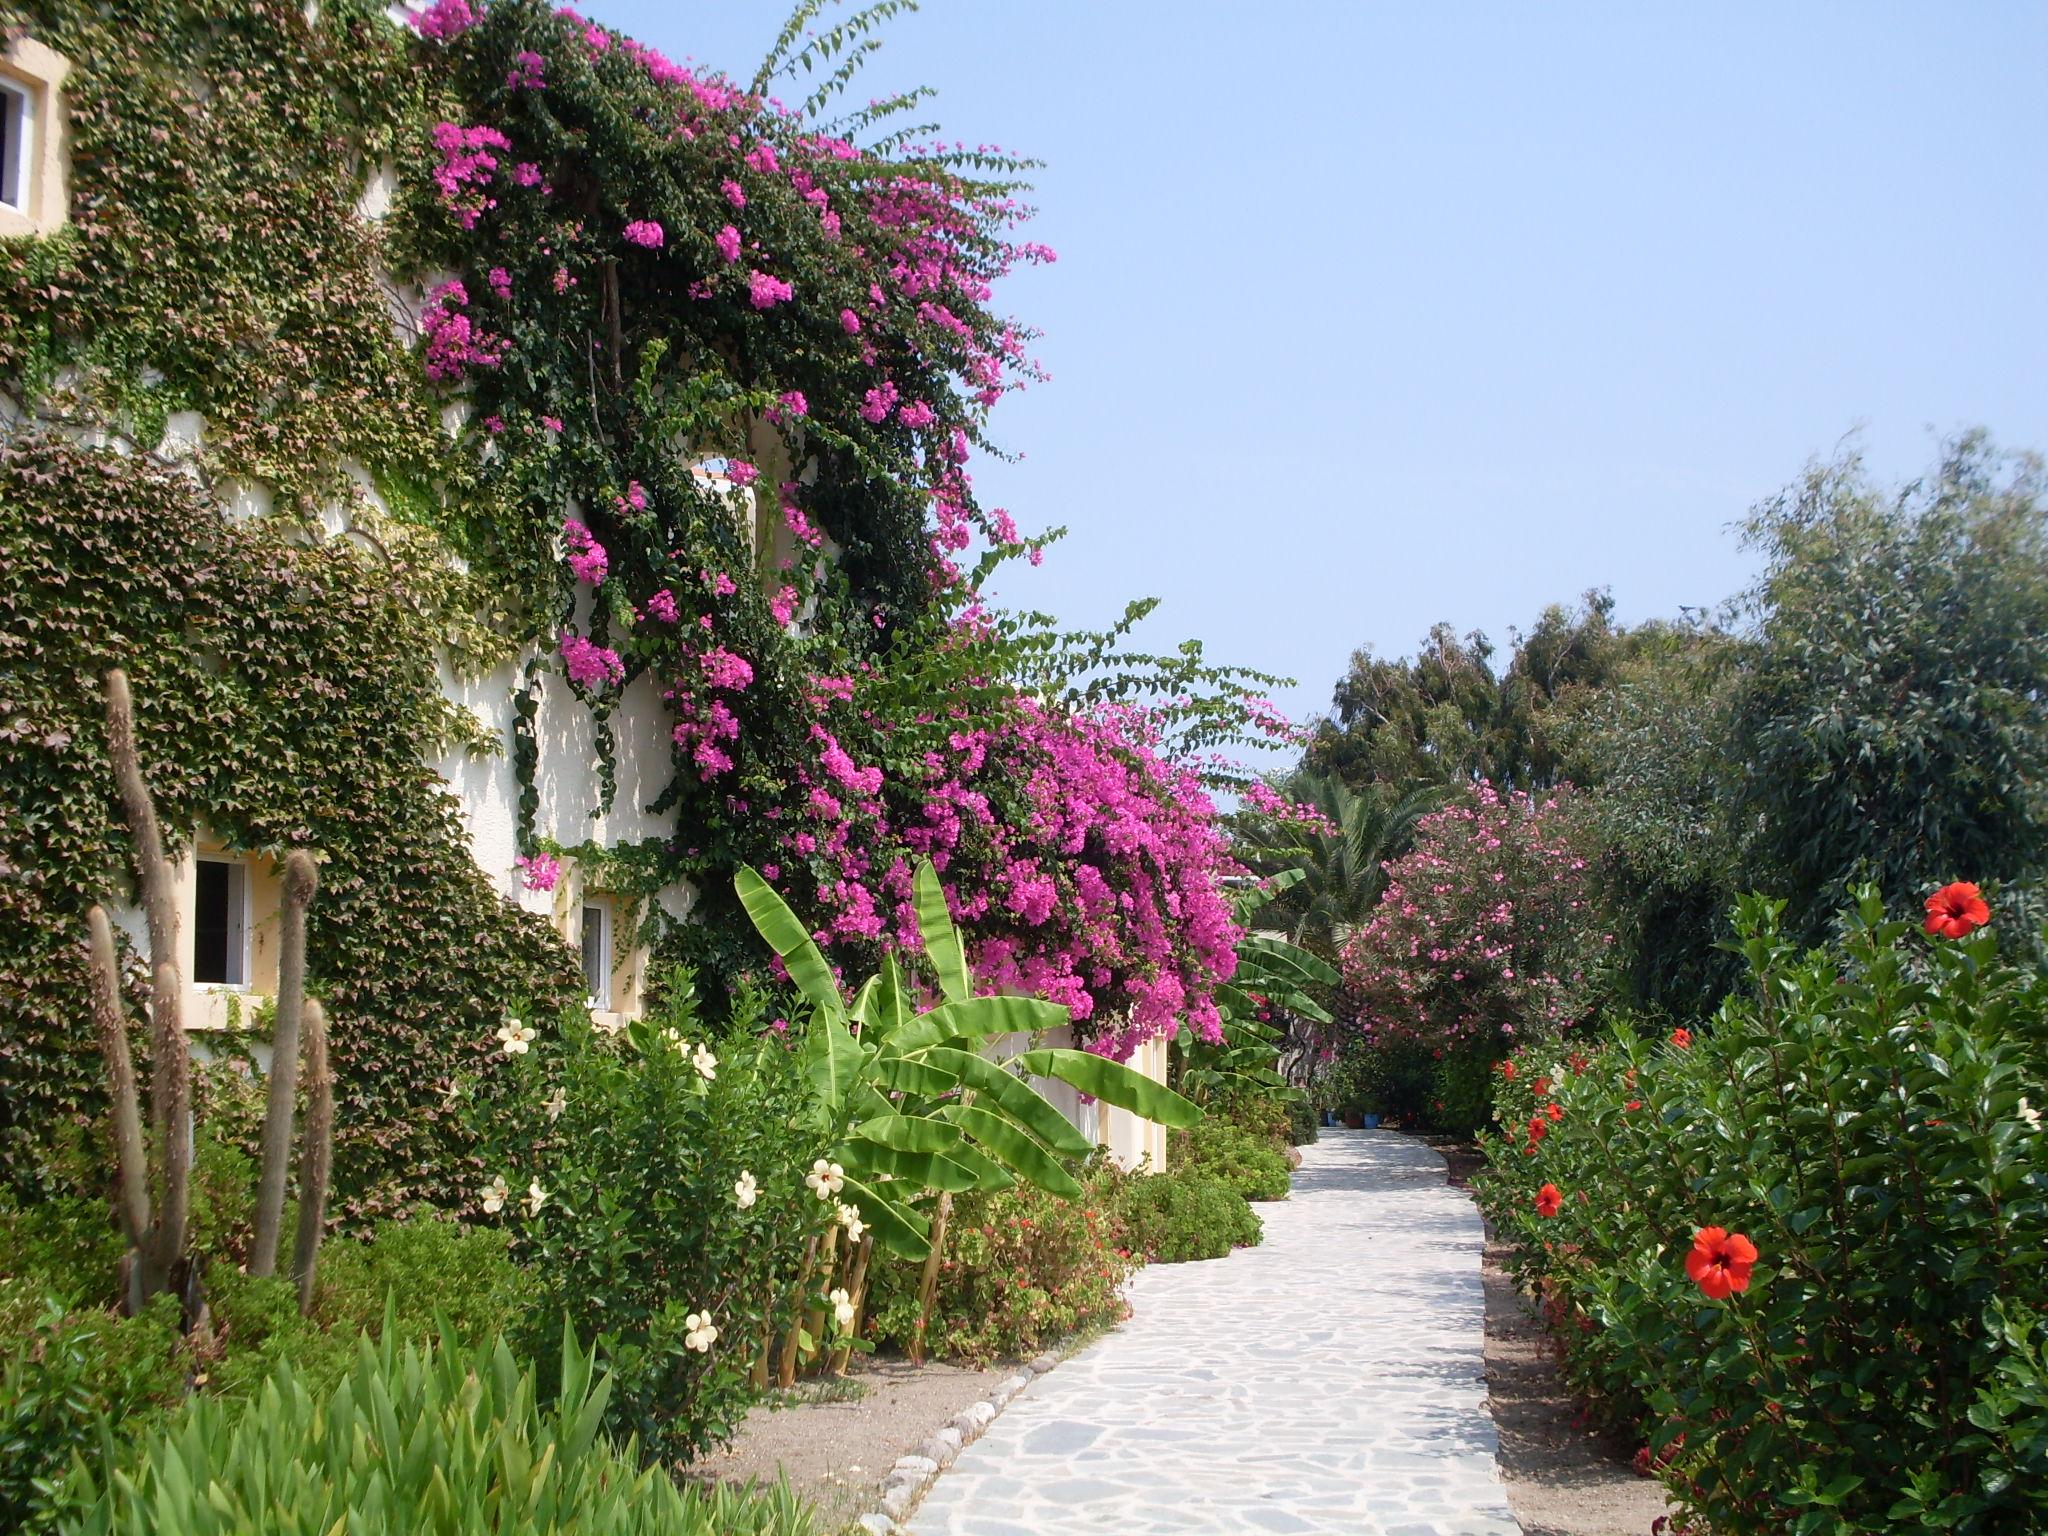 kertészeti tájképek